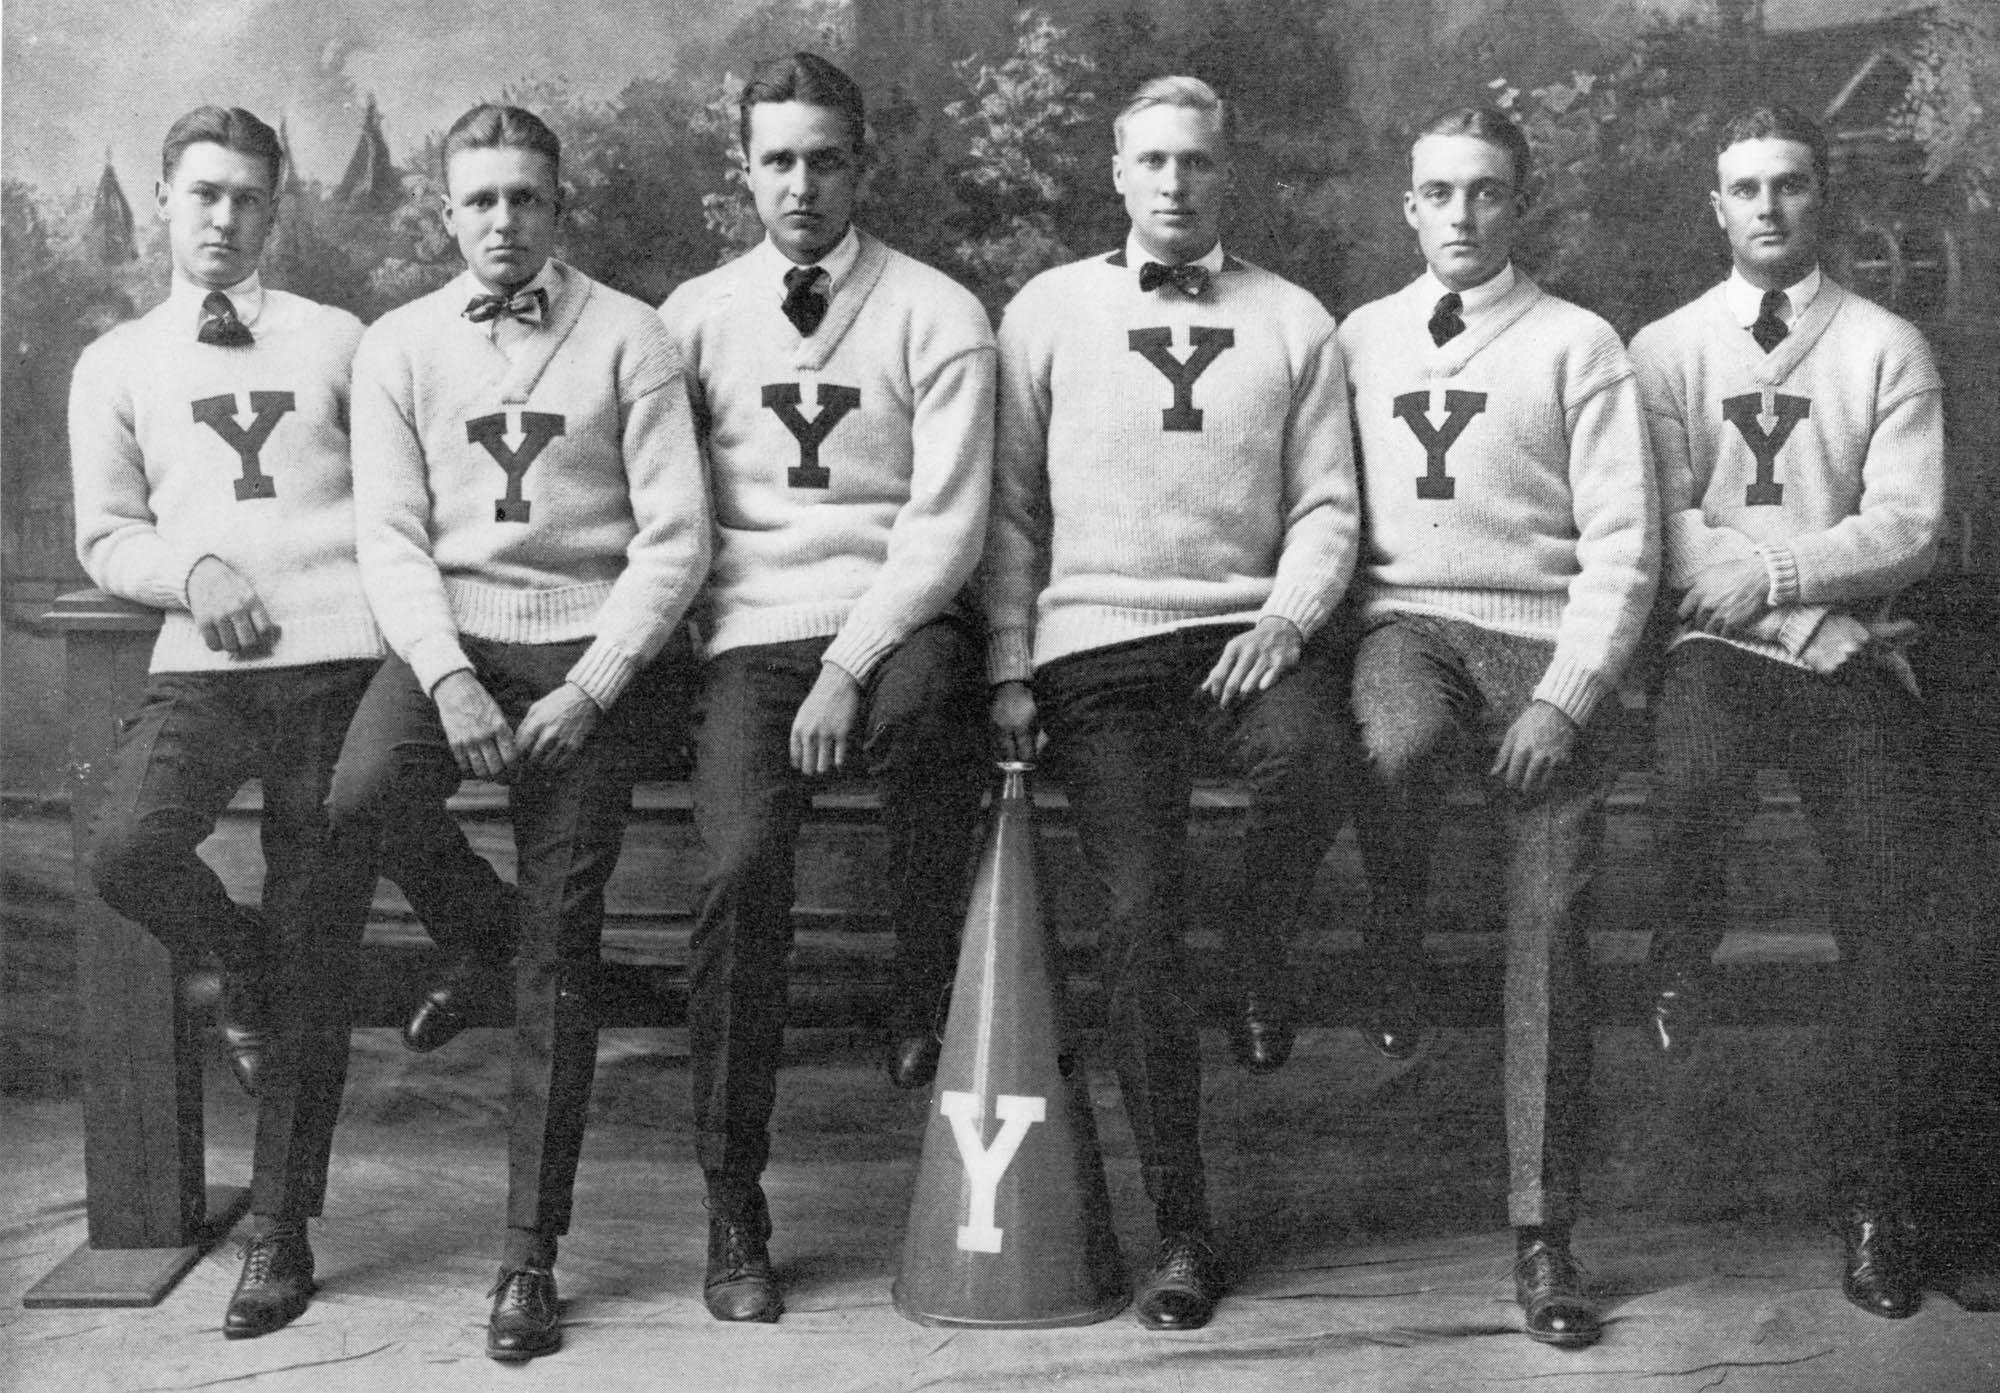 Le combo pull col rond/v est un classique qu'on retrouve souvent sur des vieilles photos de la Ivy League. Il a peut-être été un peu victime de sa reprise par le preppy. Préférez le col rond au col v pour un port sans cravate.